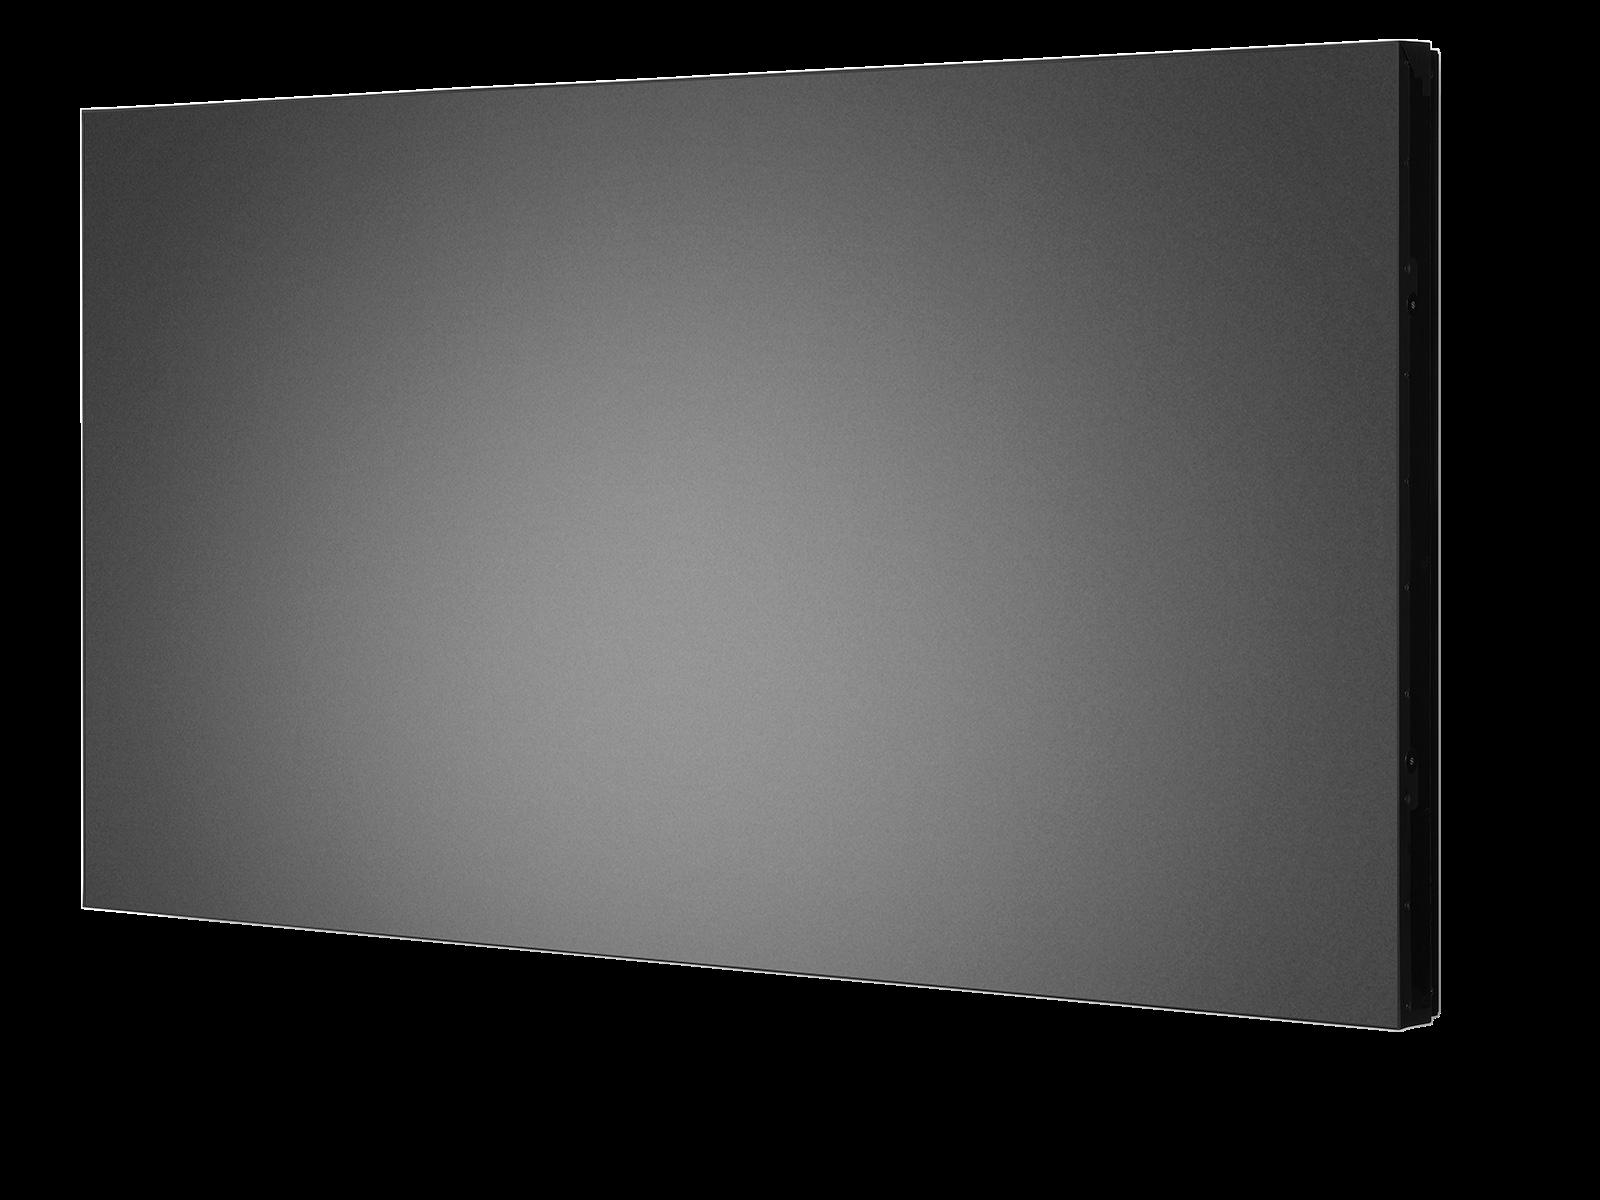 NEC_UN462A_Lt_blank_1600x1200-4